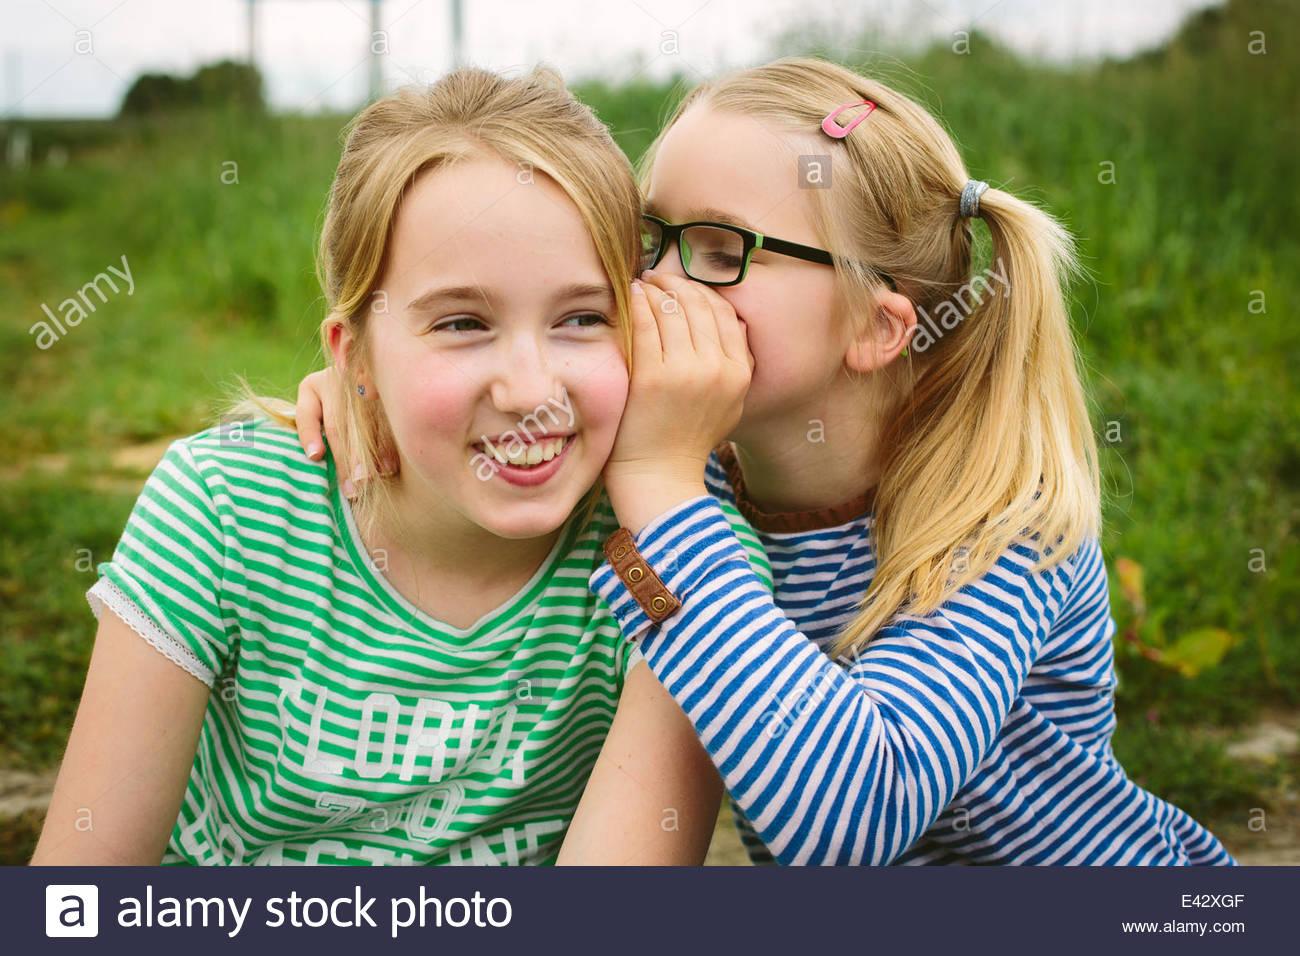 Neunjähriges Mädchen flüstert Schwester im Feld Stockbild